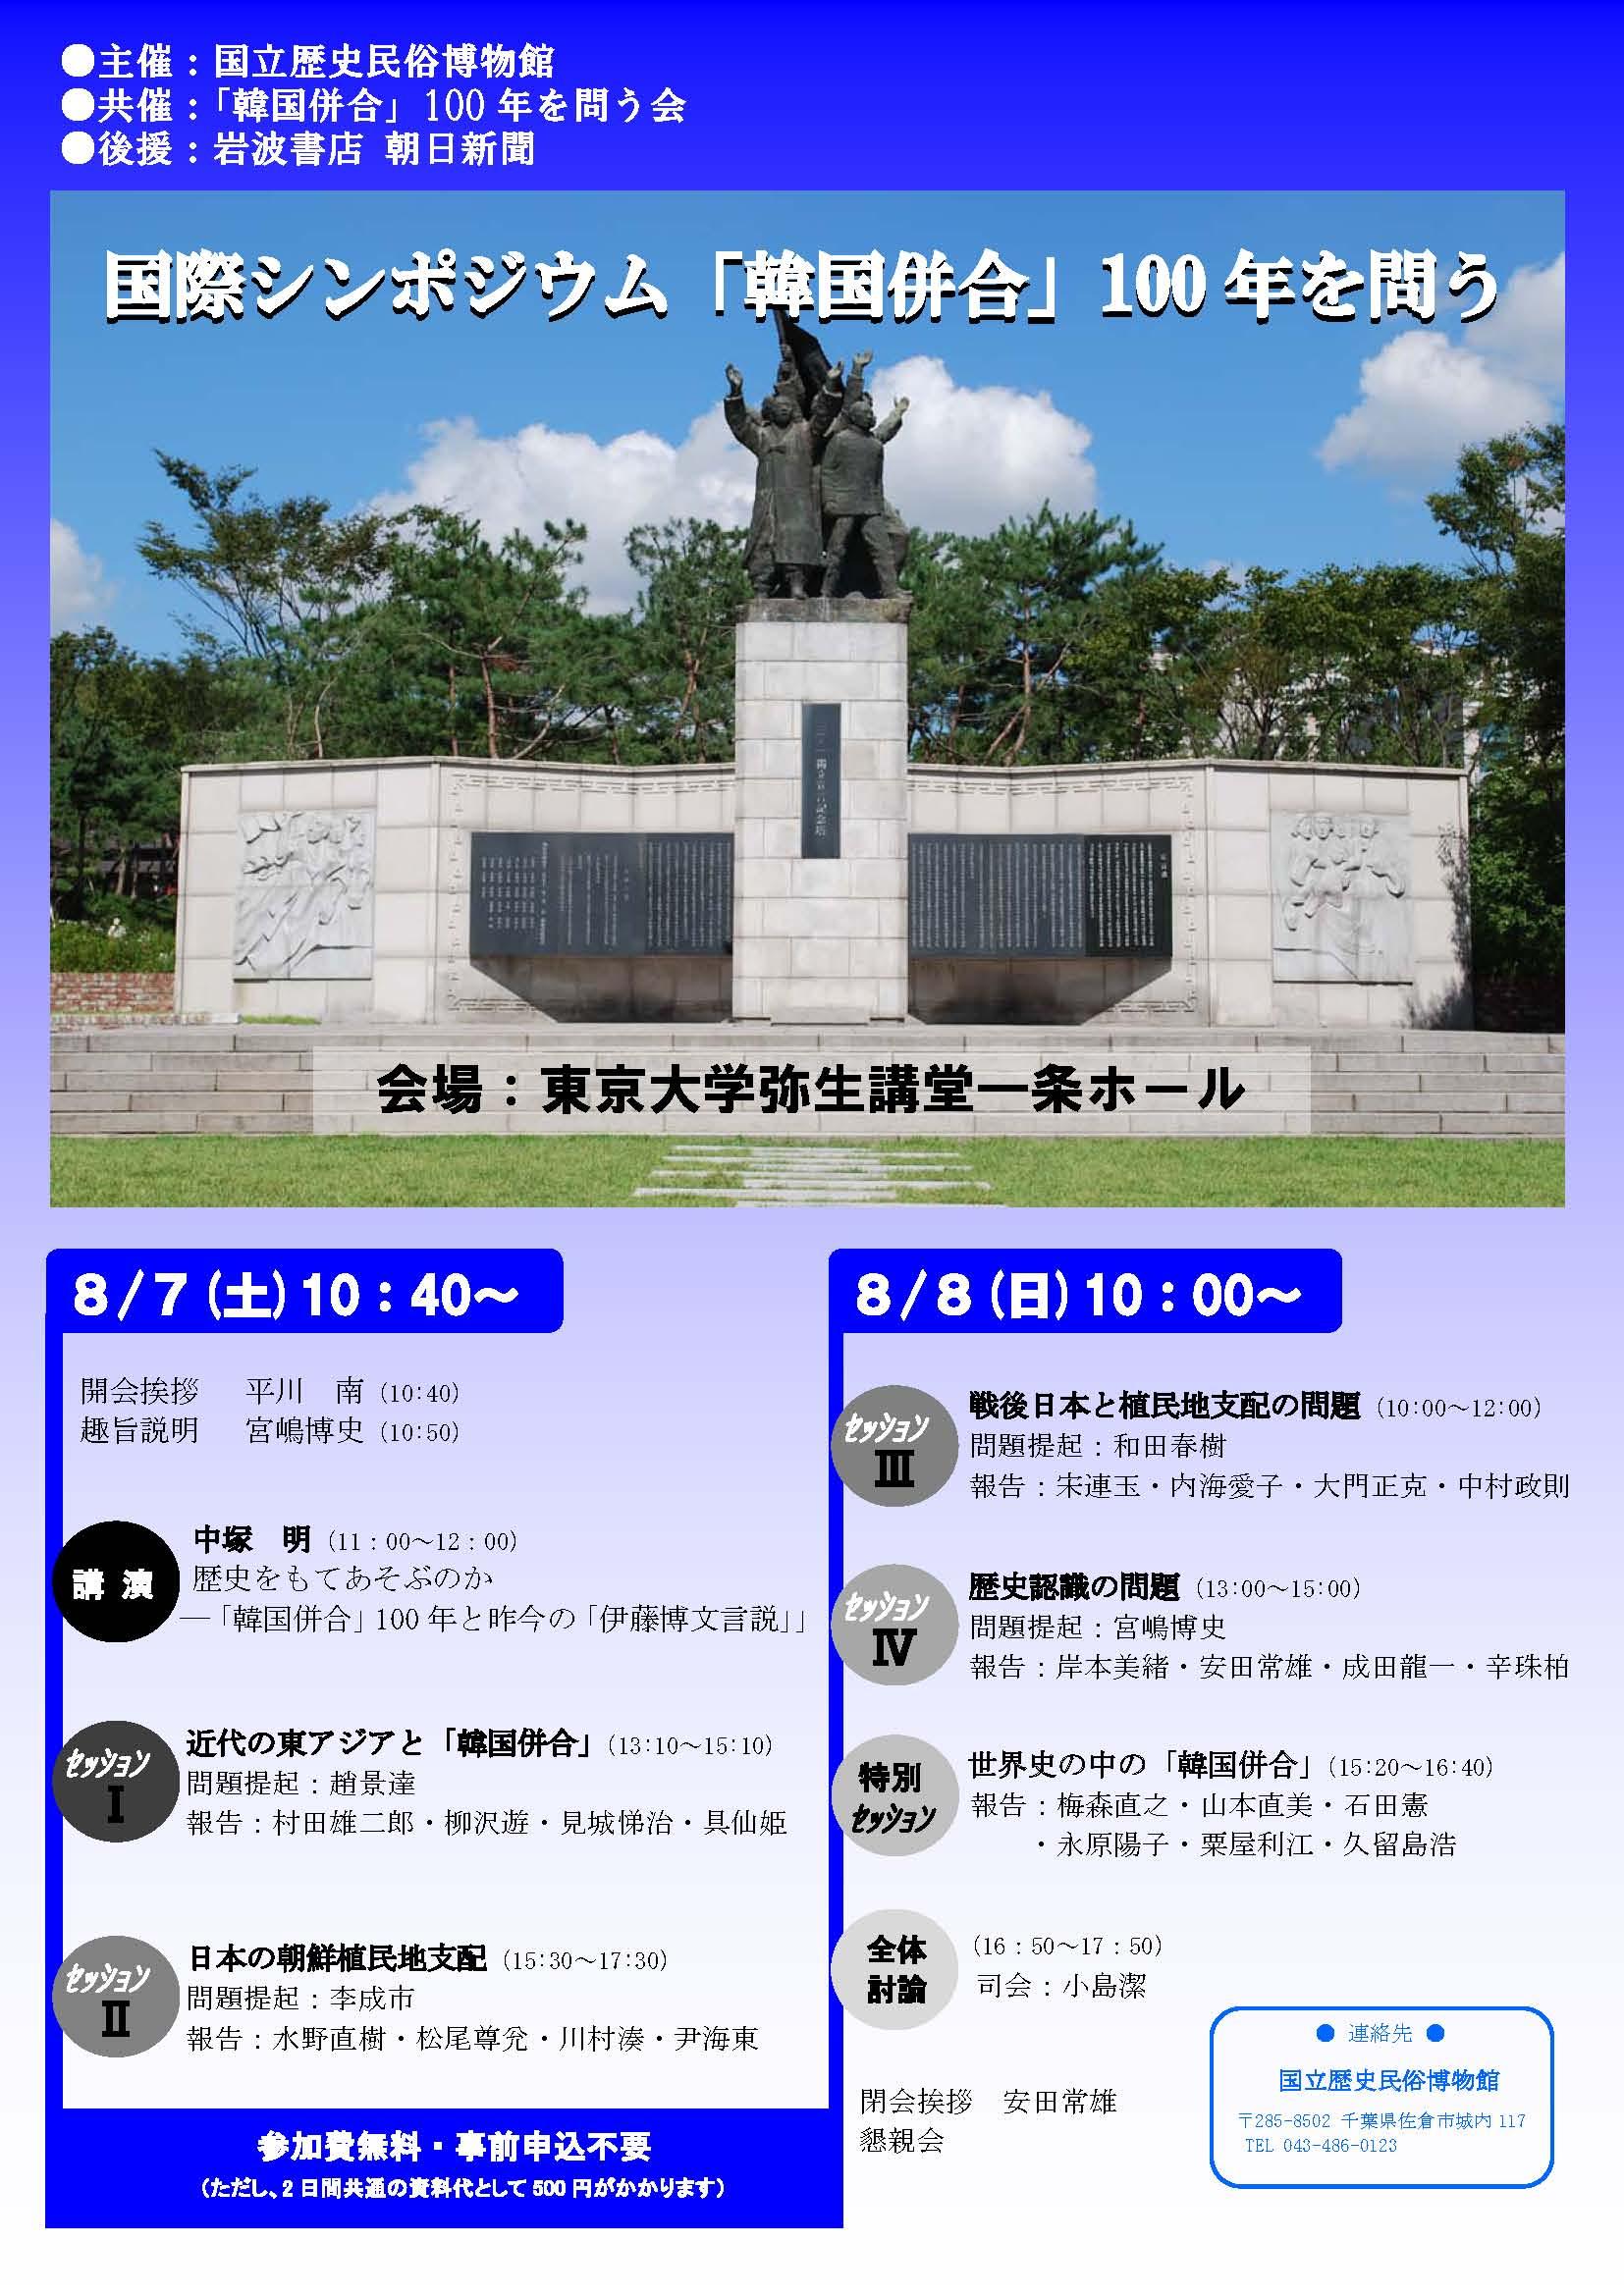 国際シンポジウム「韓国併合」100年を問う_c0035825_15263943.jpg